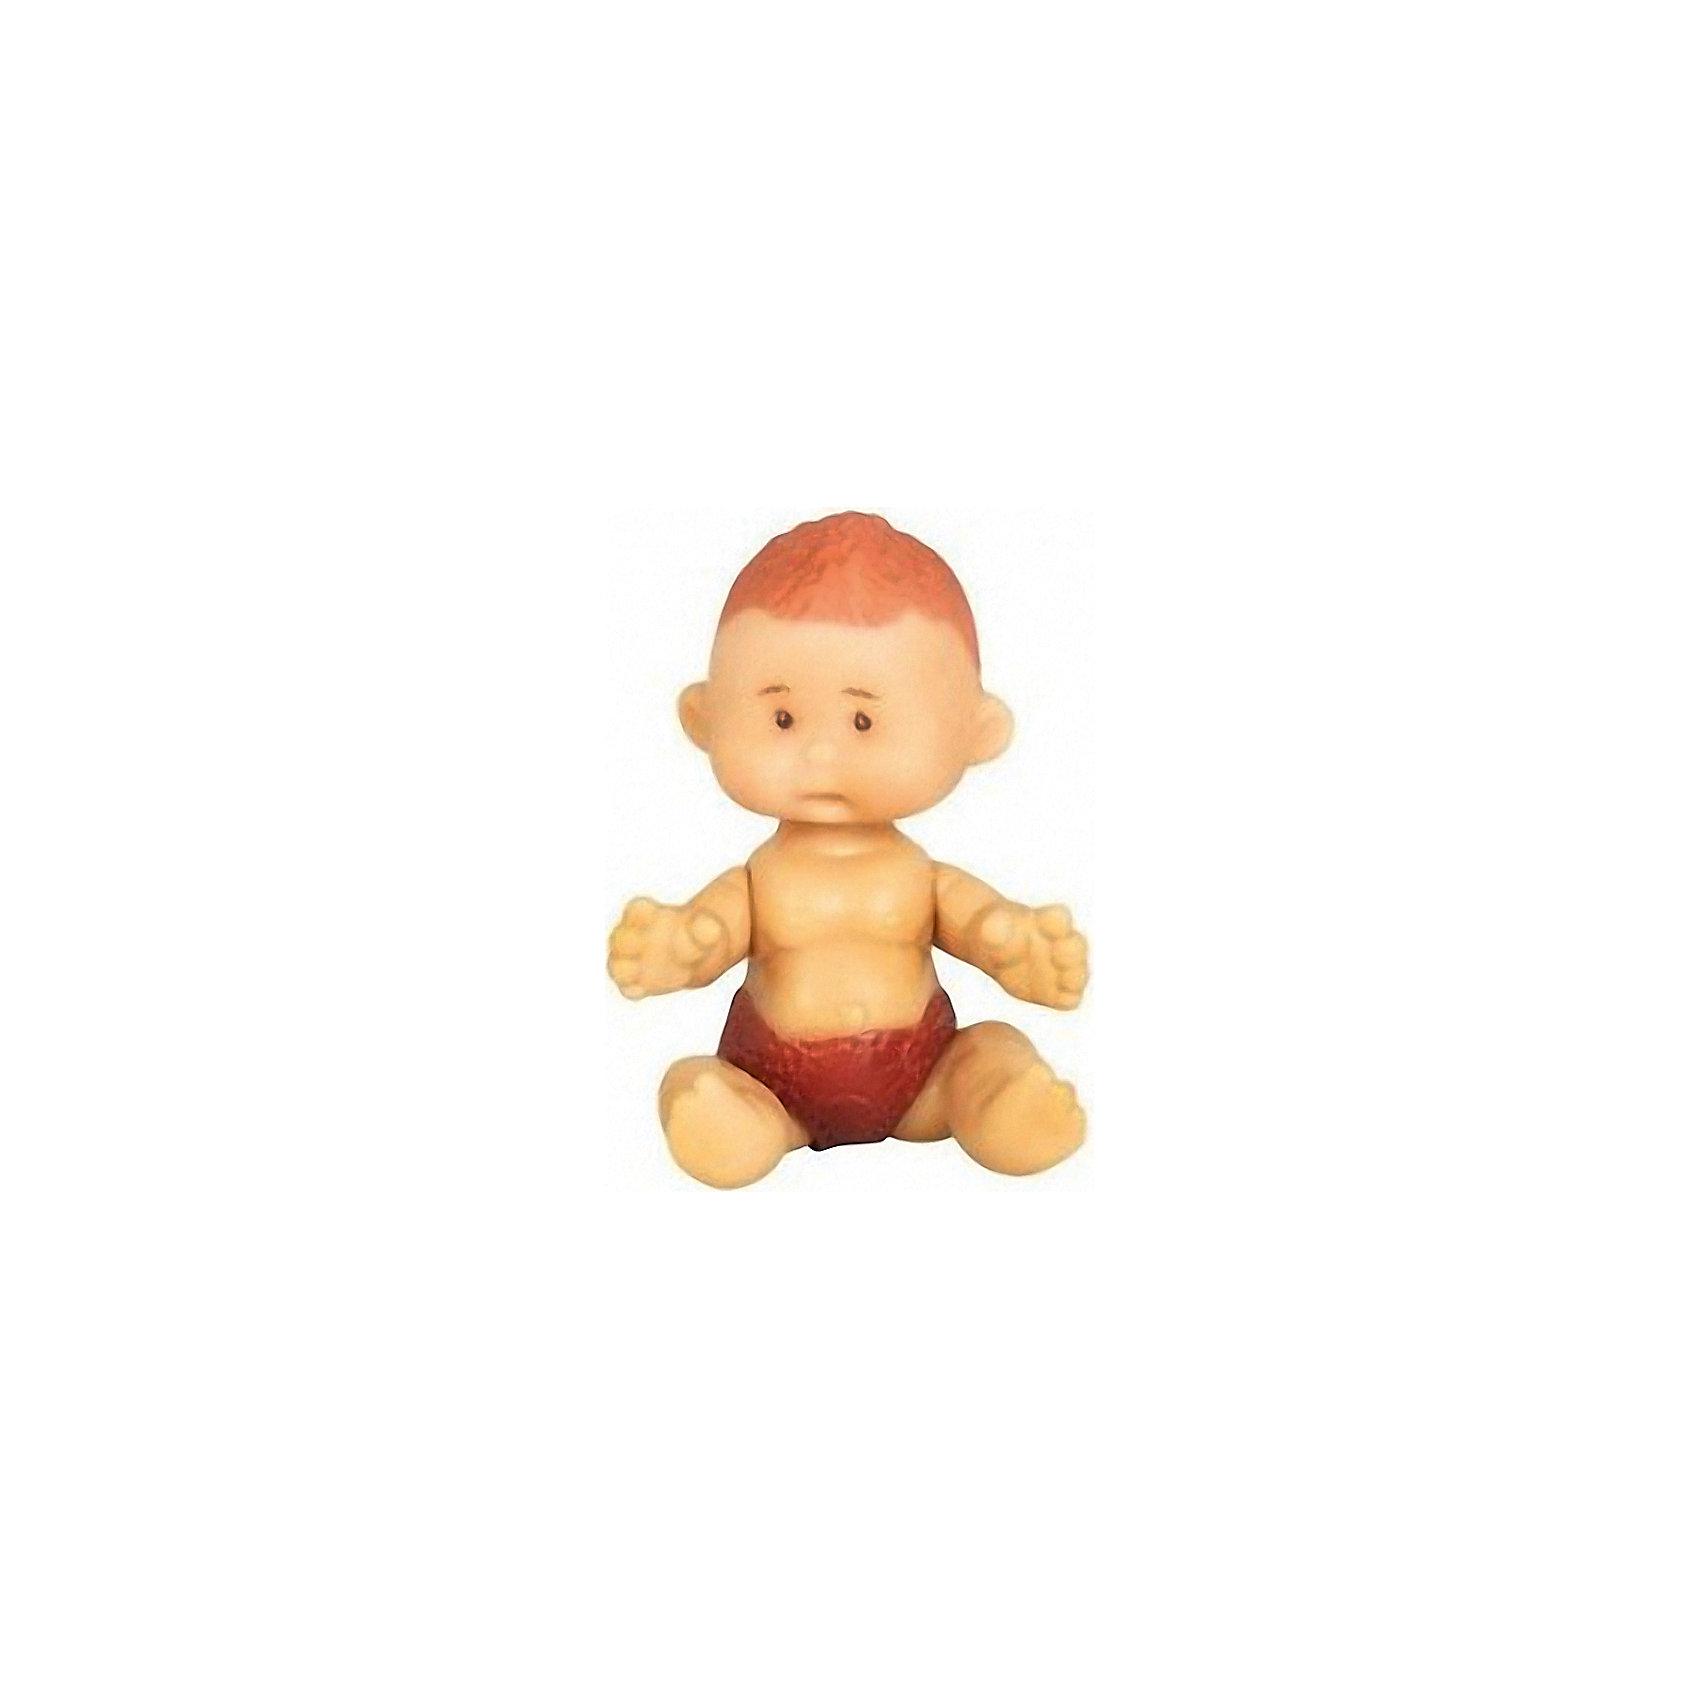 Пупс Чарли Кокос, 7см, YogurtinisМини-куклы<br>Милый пупс Чарли Кокос не оставит ребенка равнодушным. Ножки и ручки игрушки подвижны. Оригинальное личико, необычное имя и приятный запах фруктового йогурта вызовут море позитивных эмоций у малыша.<br><br>Дополнительная информация:<br>Материал: пластик, ароматизатор<br>Высота пупса: 7 см<br>Пупса Чарли Кокос можно приобрести в нашем интернет-магазине.<br><br>Ширина мм: 75<br>Глубина мм: 75<br>Высота мм: 70<br>Вес г: 20<br>Возраст от месяцев: 36<br>Возраст до месяцев: 84<br>Пол: Женский<br>Возраст: Детский<br>SKU: 4944598